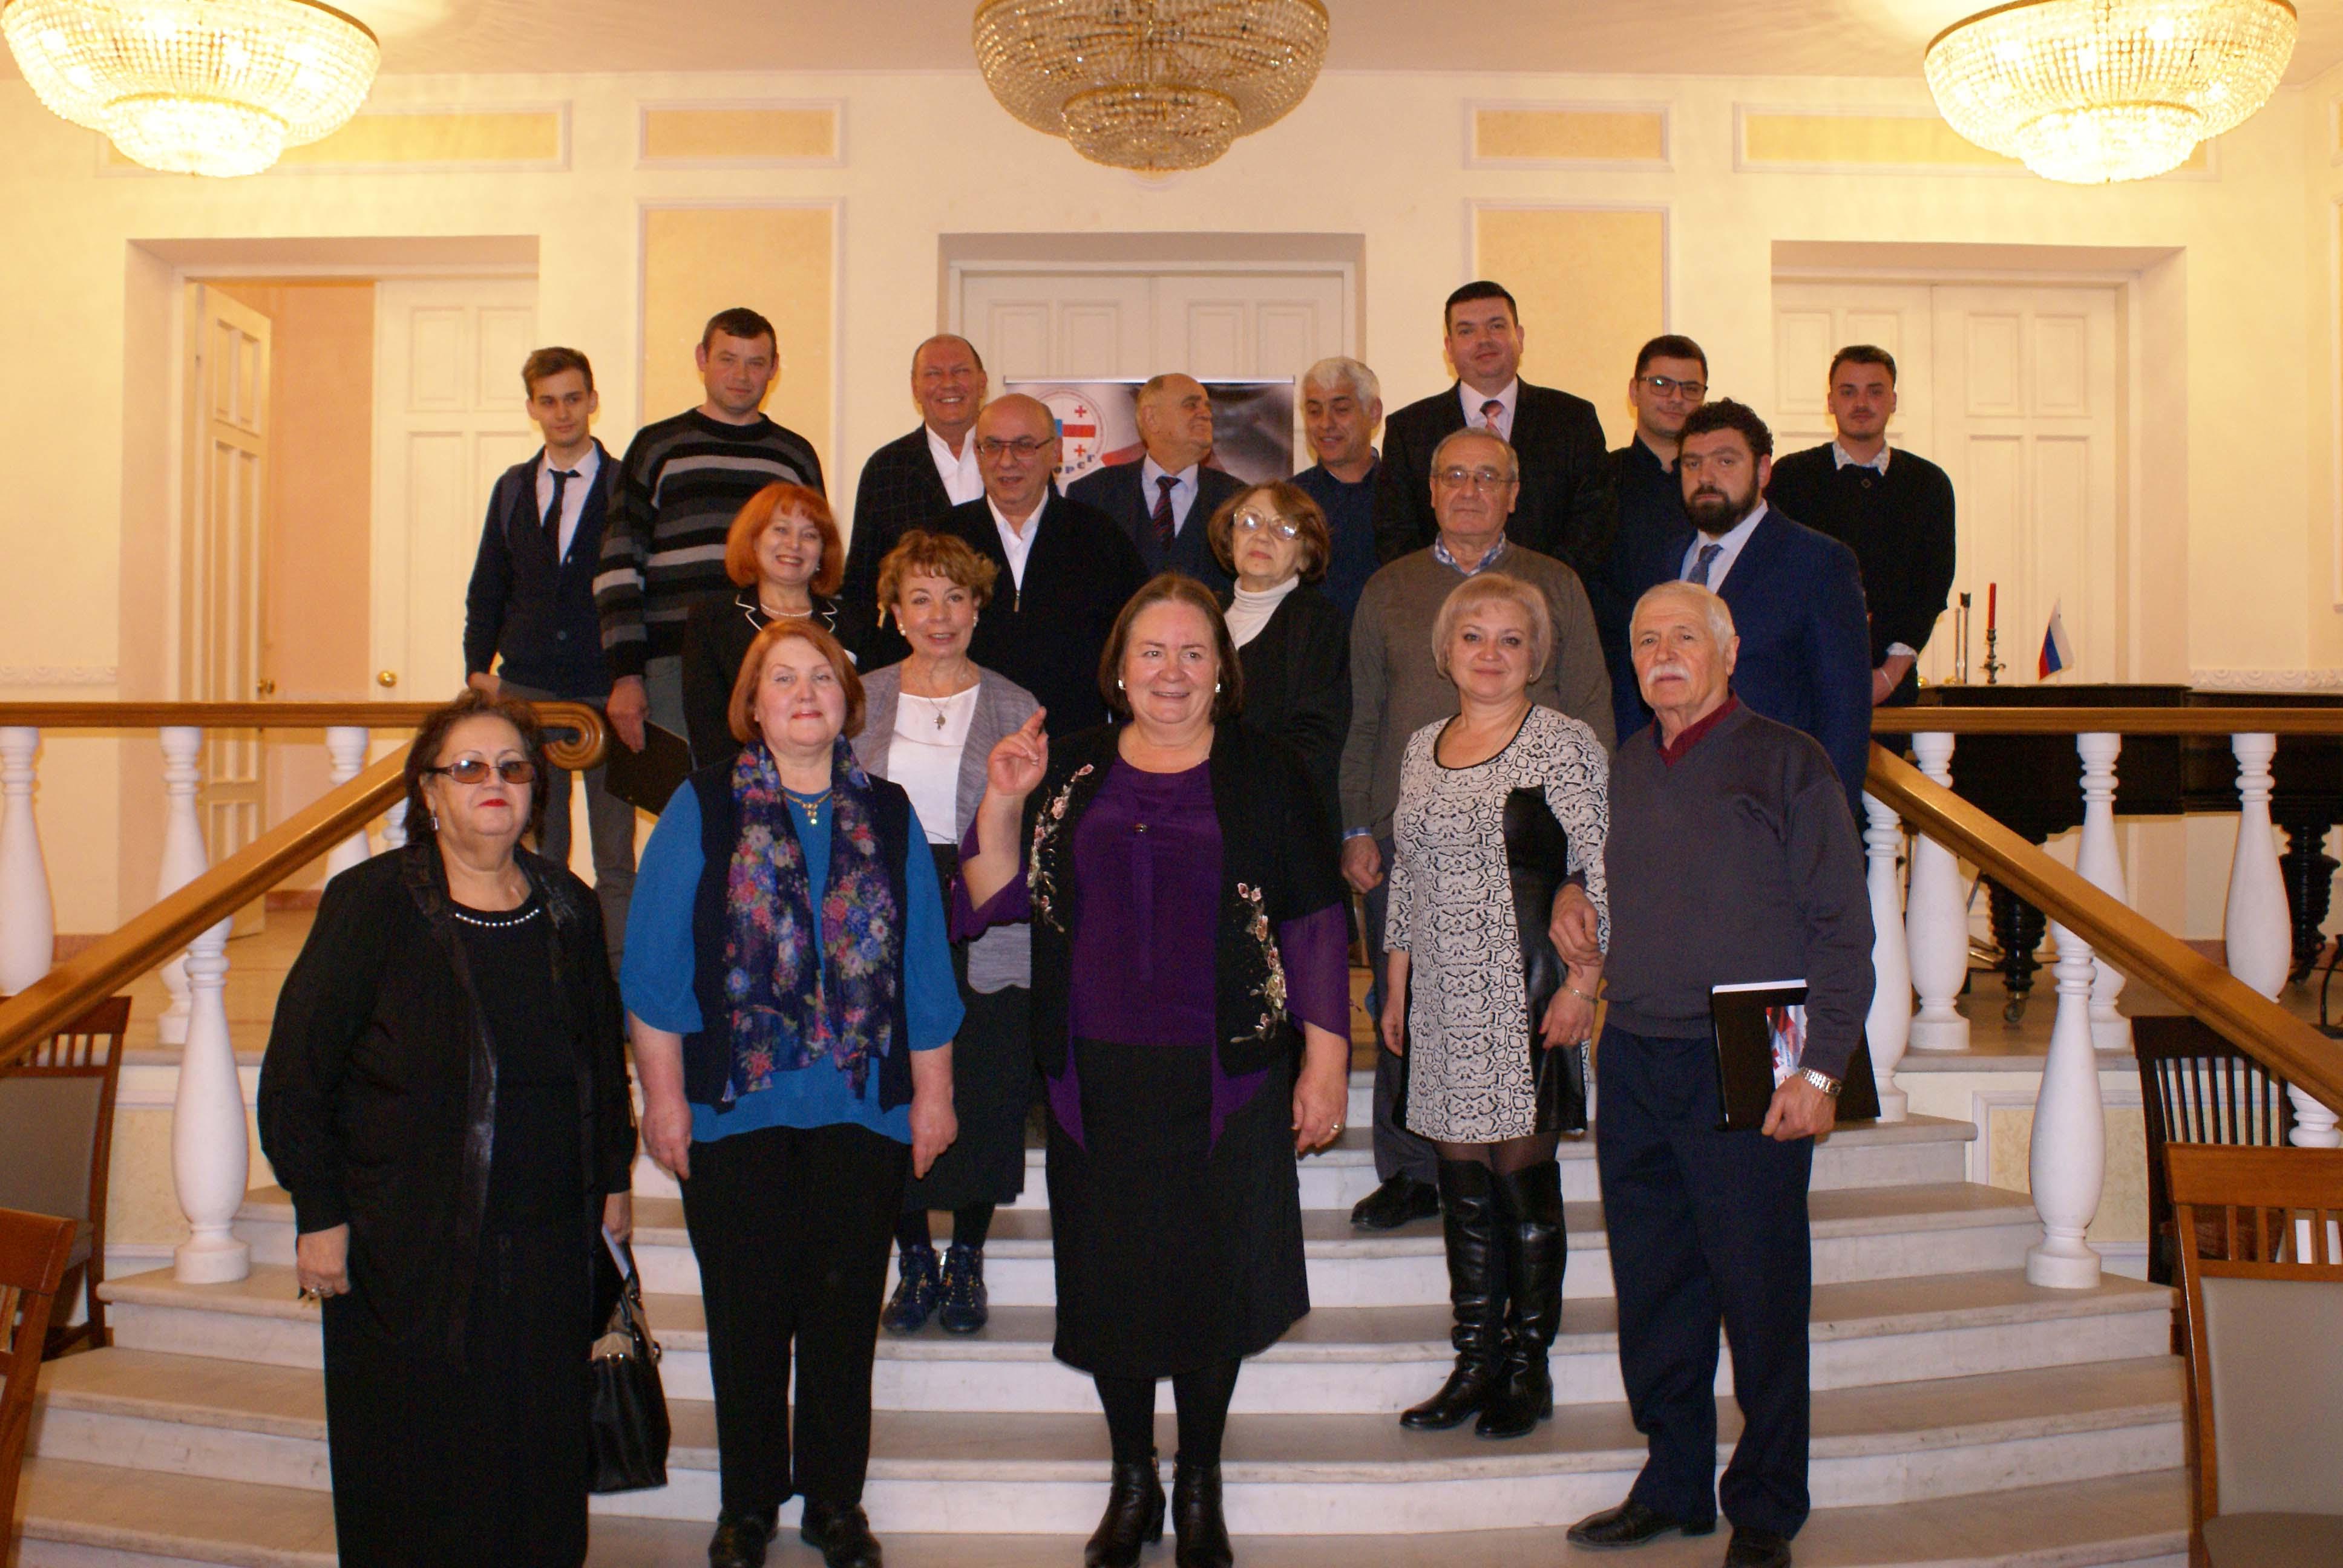 V отчетно-выборная страновая конференция Координационного Совета организаций российских соотечественников Грузии (КСОРСГ).